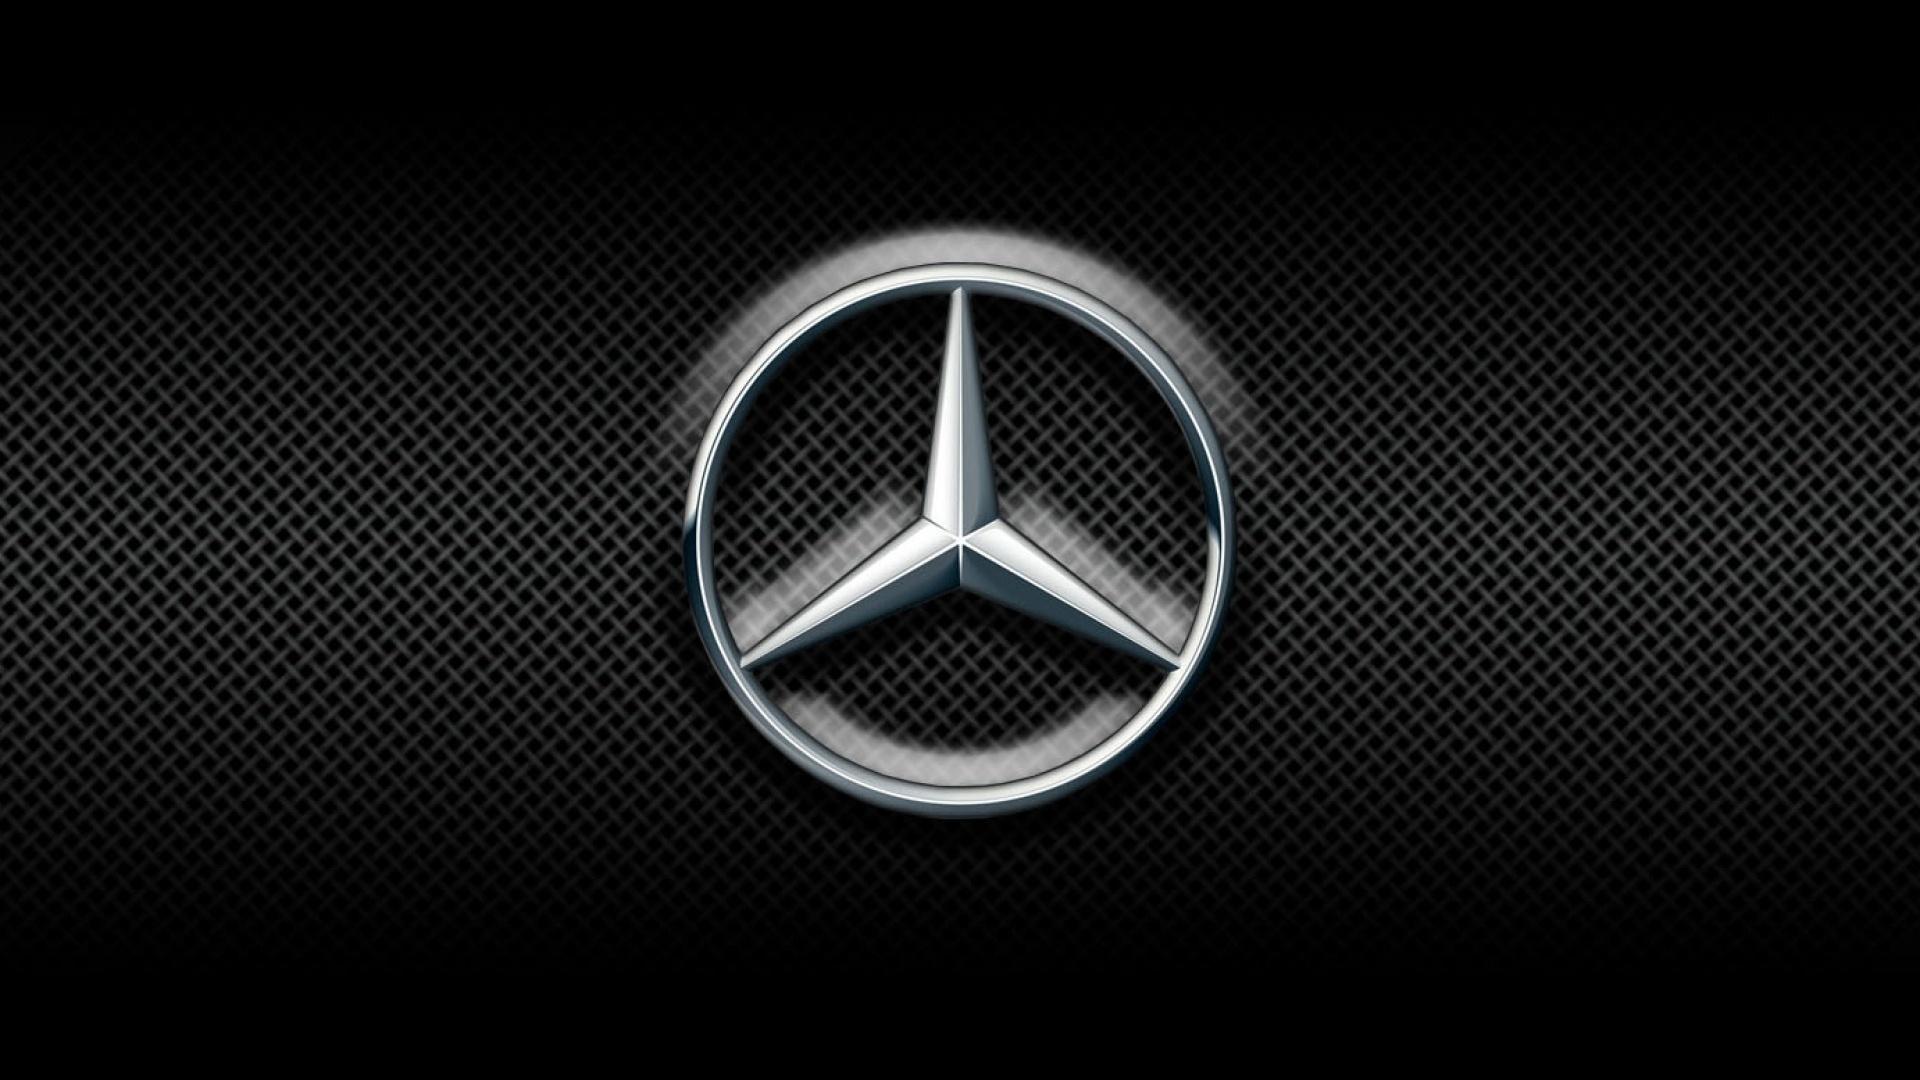 1920x1080 Brands, Mercedes Benz, Mercedes Benz Backgrounds ...